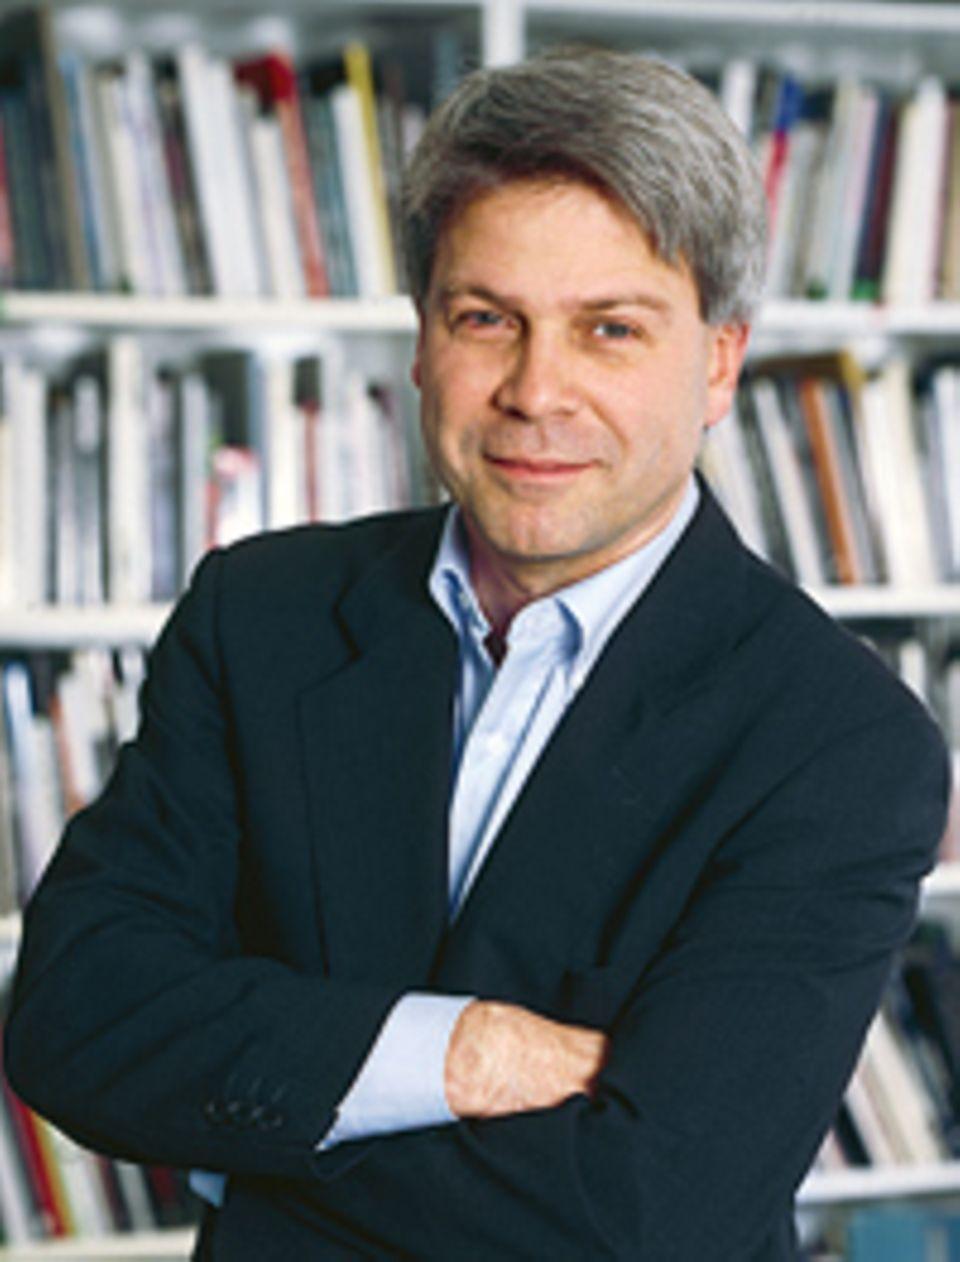 Chefredakteur Michael Schaper